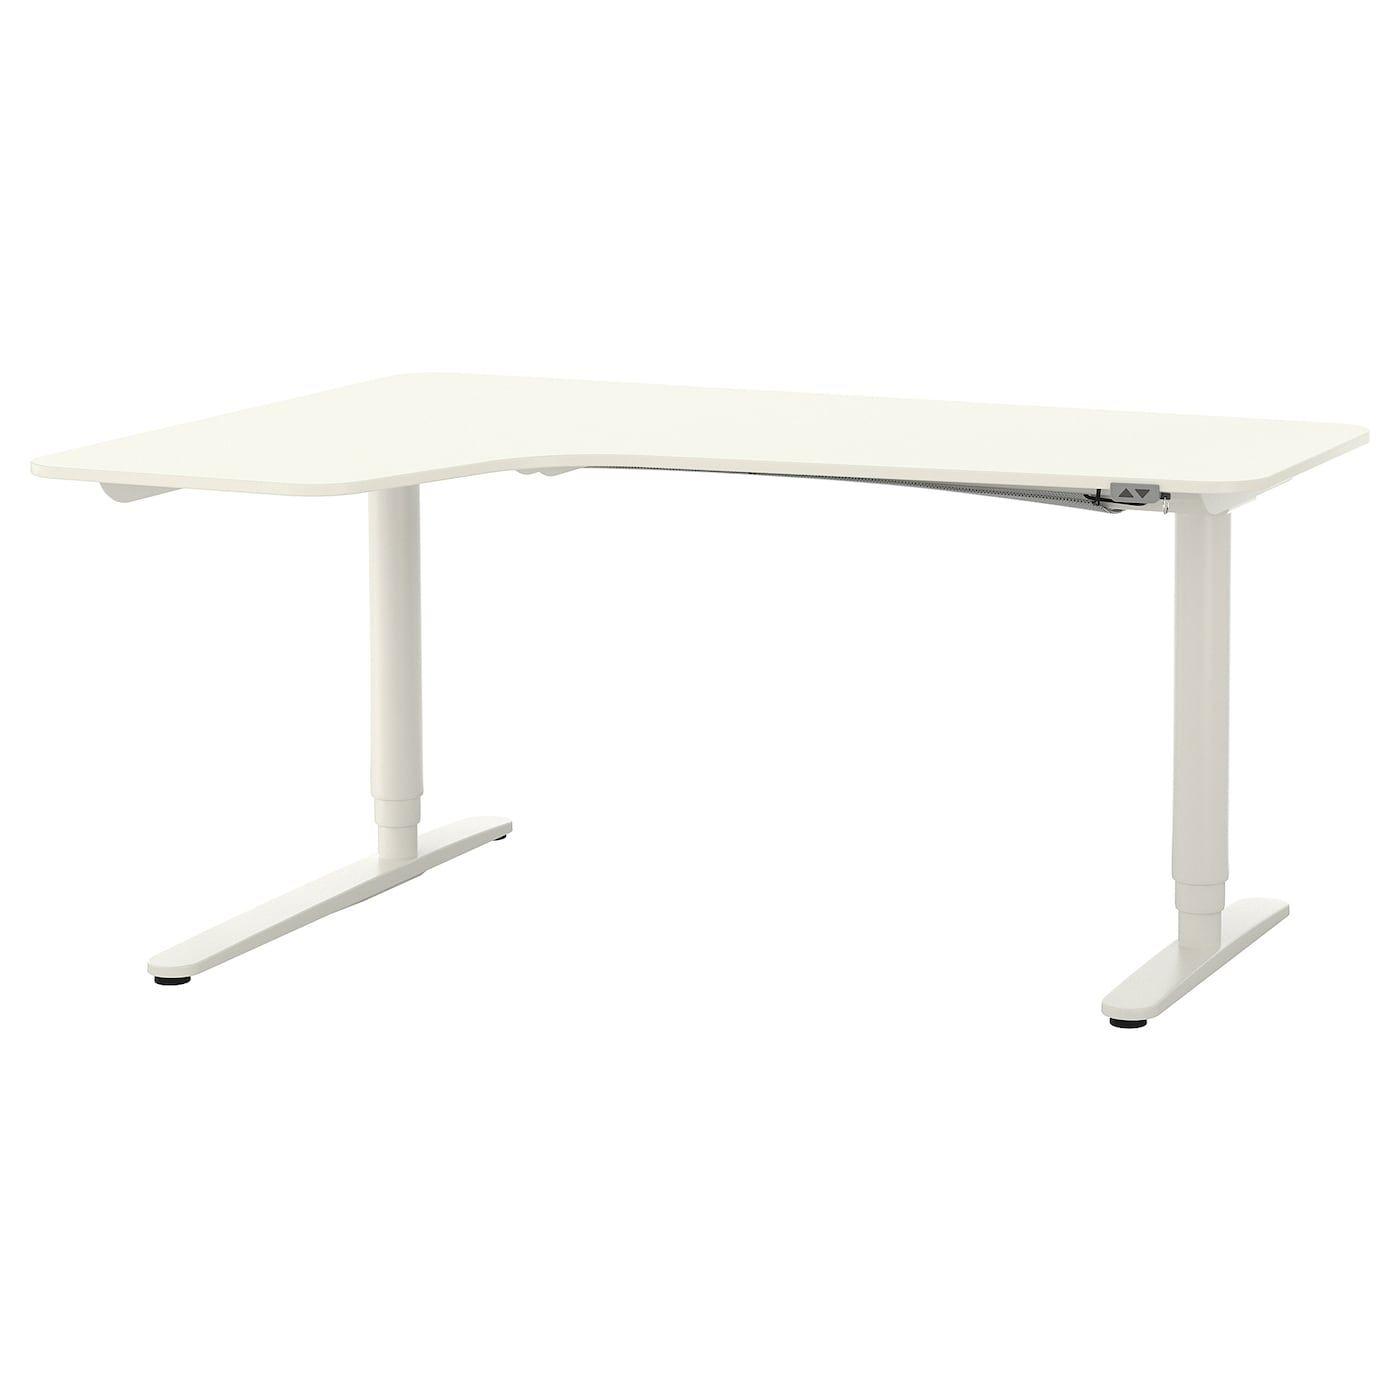 Bekant Corner Desk Left Sit Stand White 63x43 1 4 Ikea Corner Desk Sit Stand Desk White Corner Desk